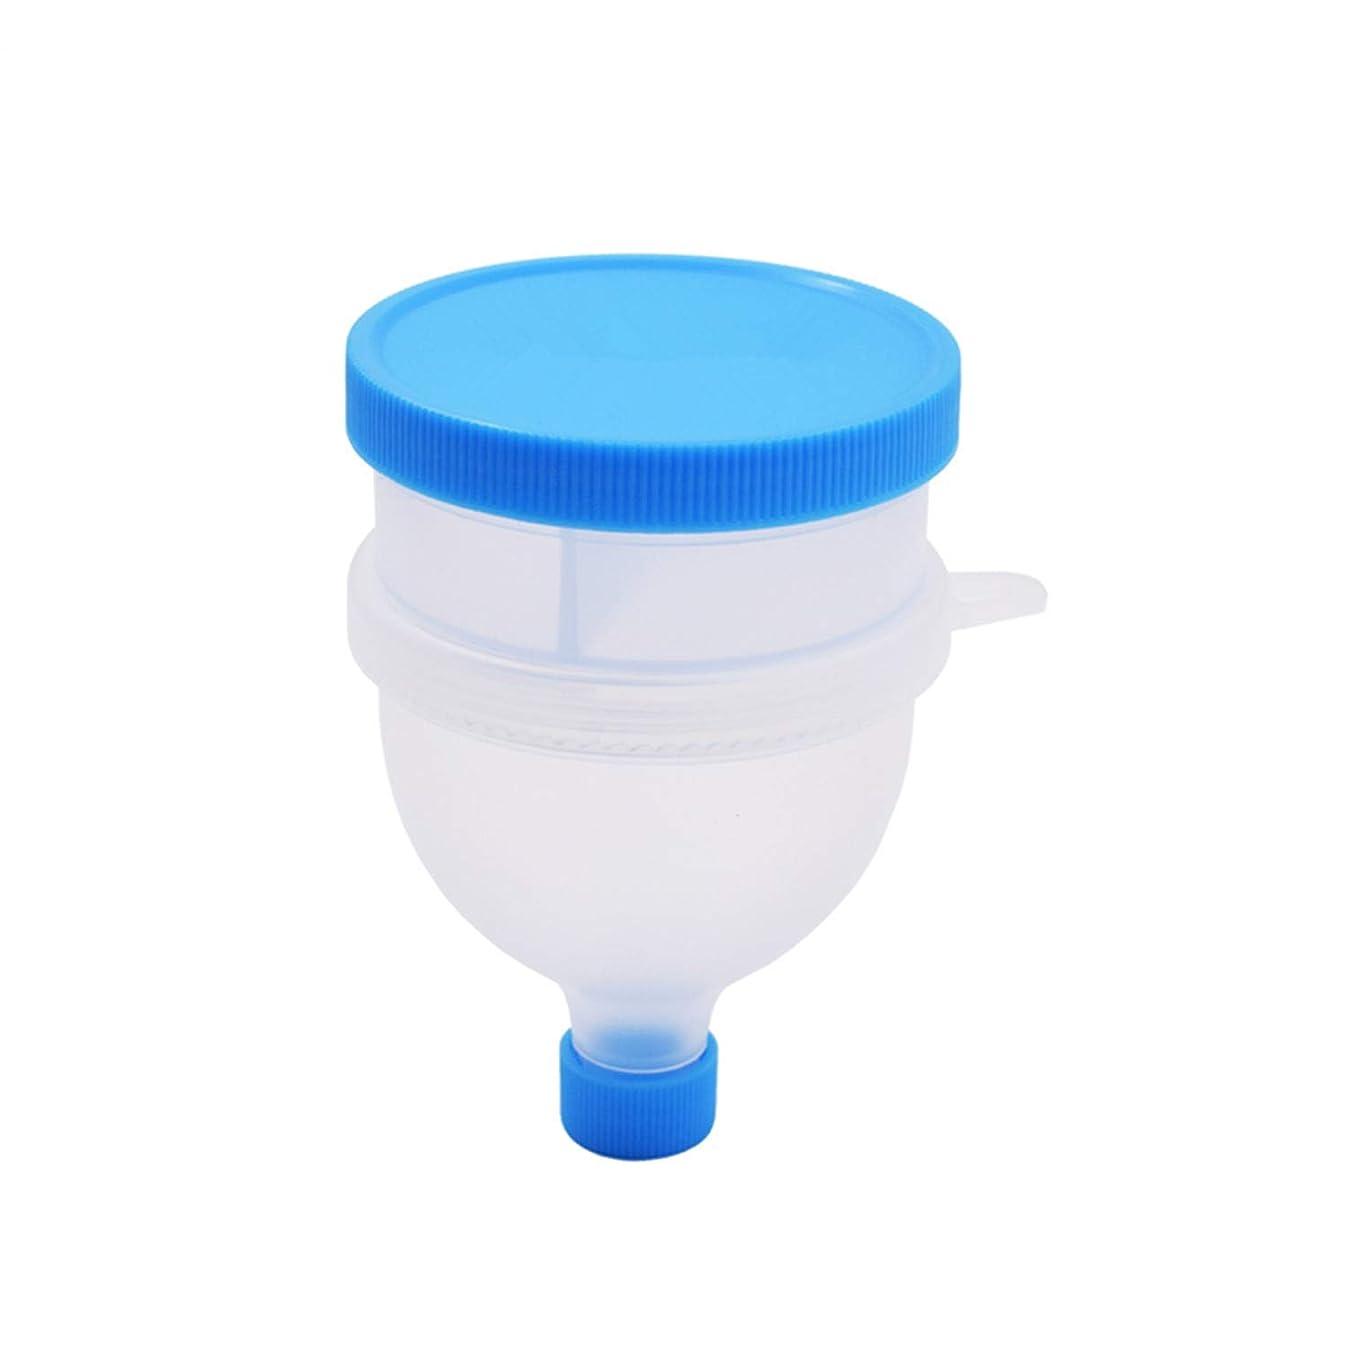 漏斗 粉末サプリメント小分け携帯用漏斗スカイブル ファンネル 粉末サプリメント 携帯用 プロテイン カプセル 等も 持ち運び可能 (1個入れ)